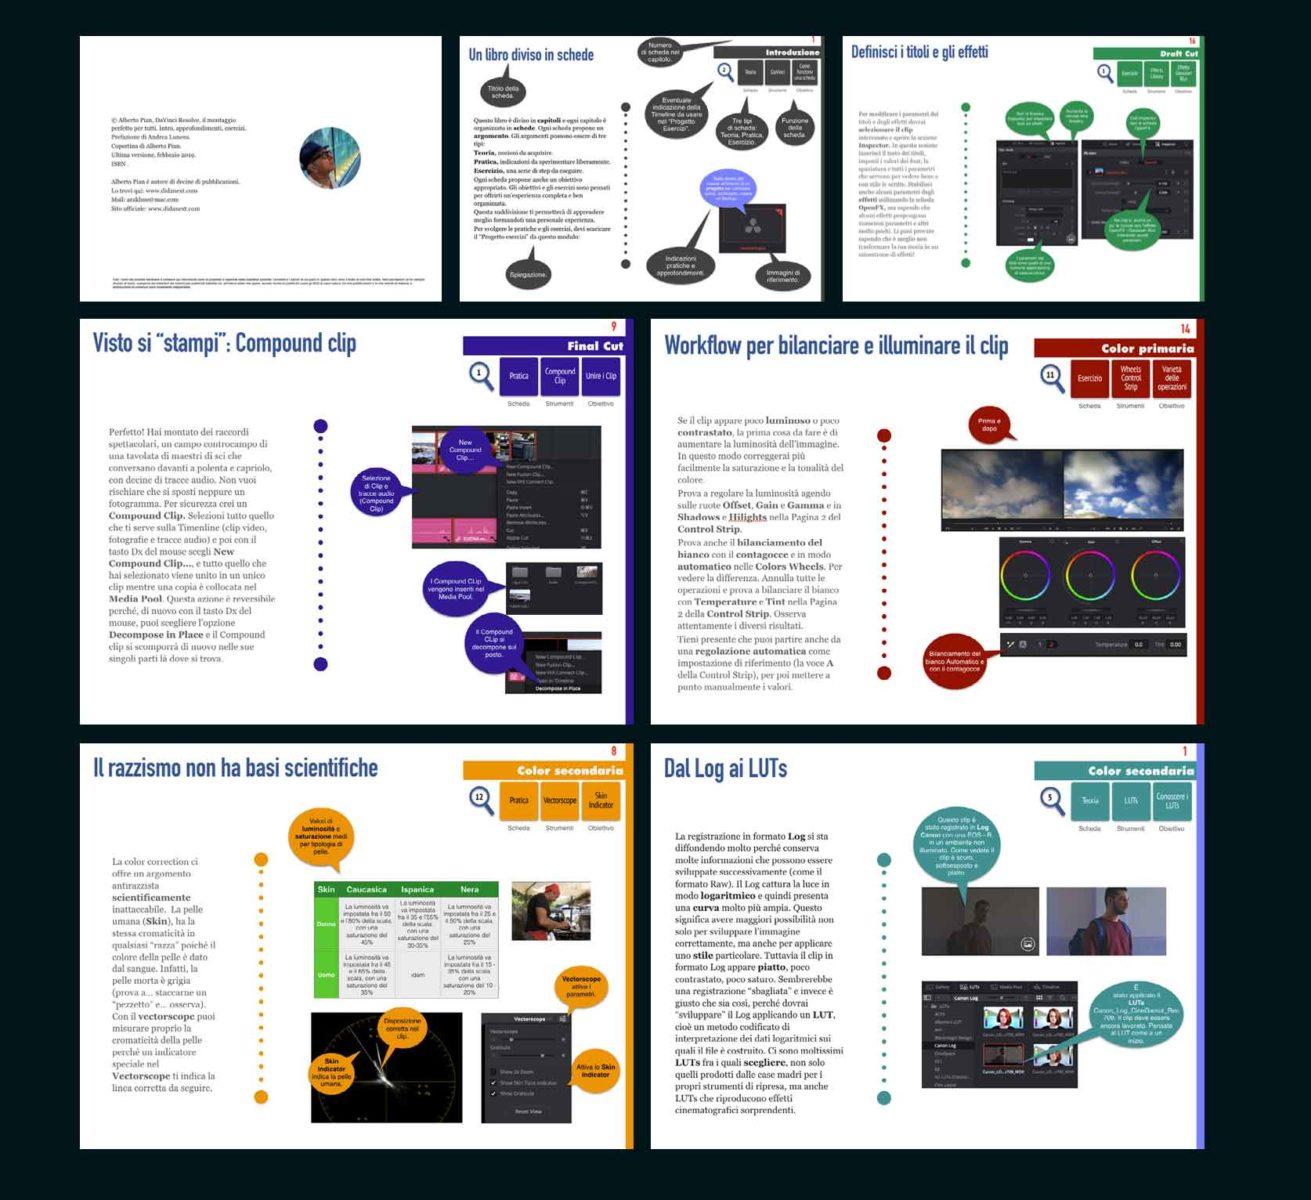 Pagine di esempio. Ogni capitolo è caratterizzato da una colore specifico, ma la struttura delle schede rimane la stessa.